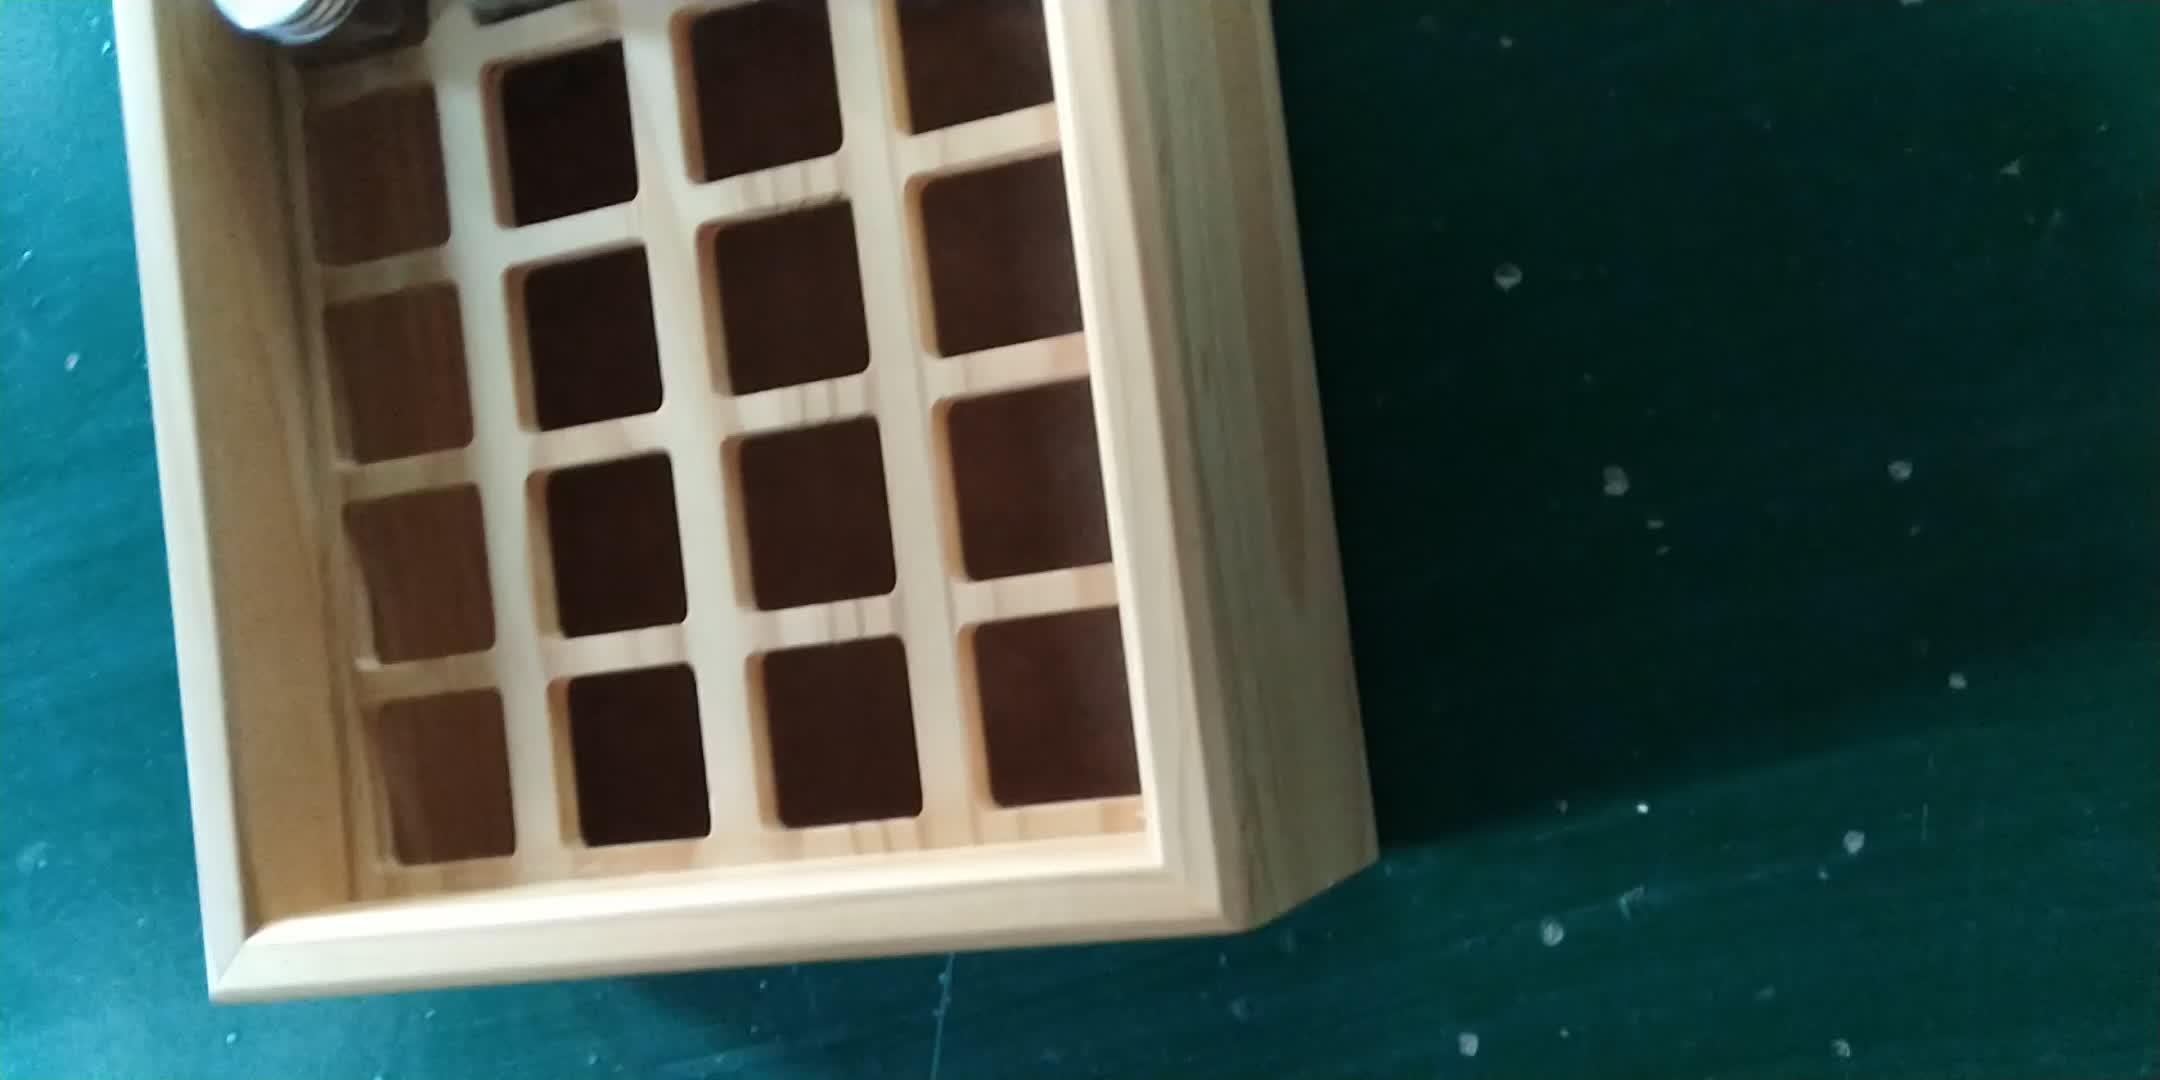 调料盒调味罐套装家用组合装调味品收纳盒厨房调味料收纳盒实木盒